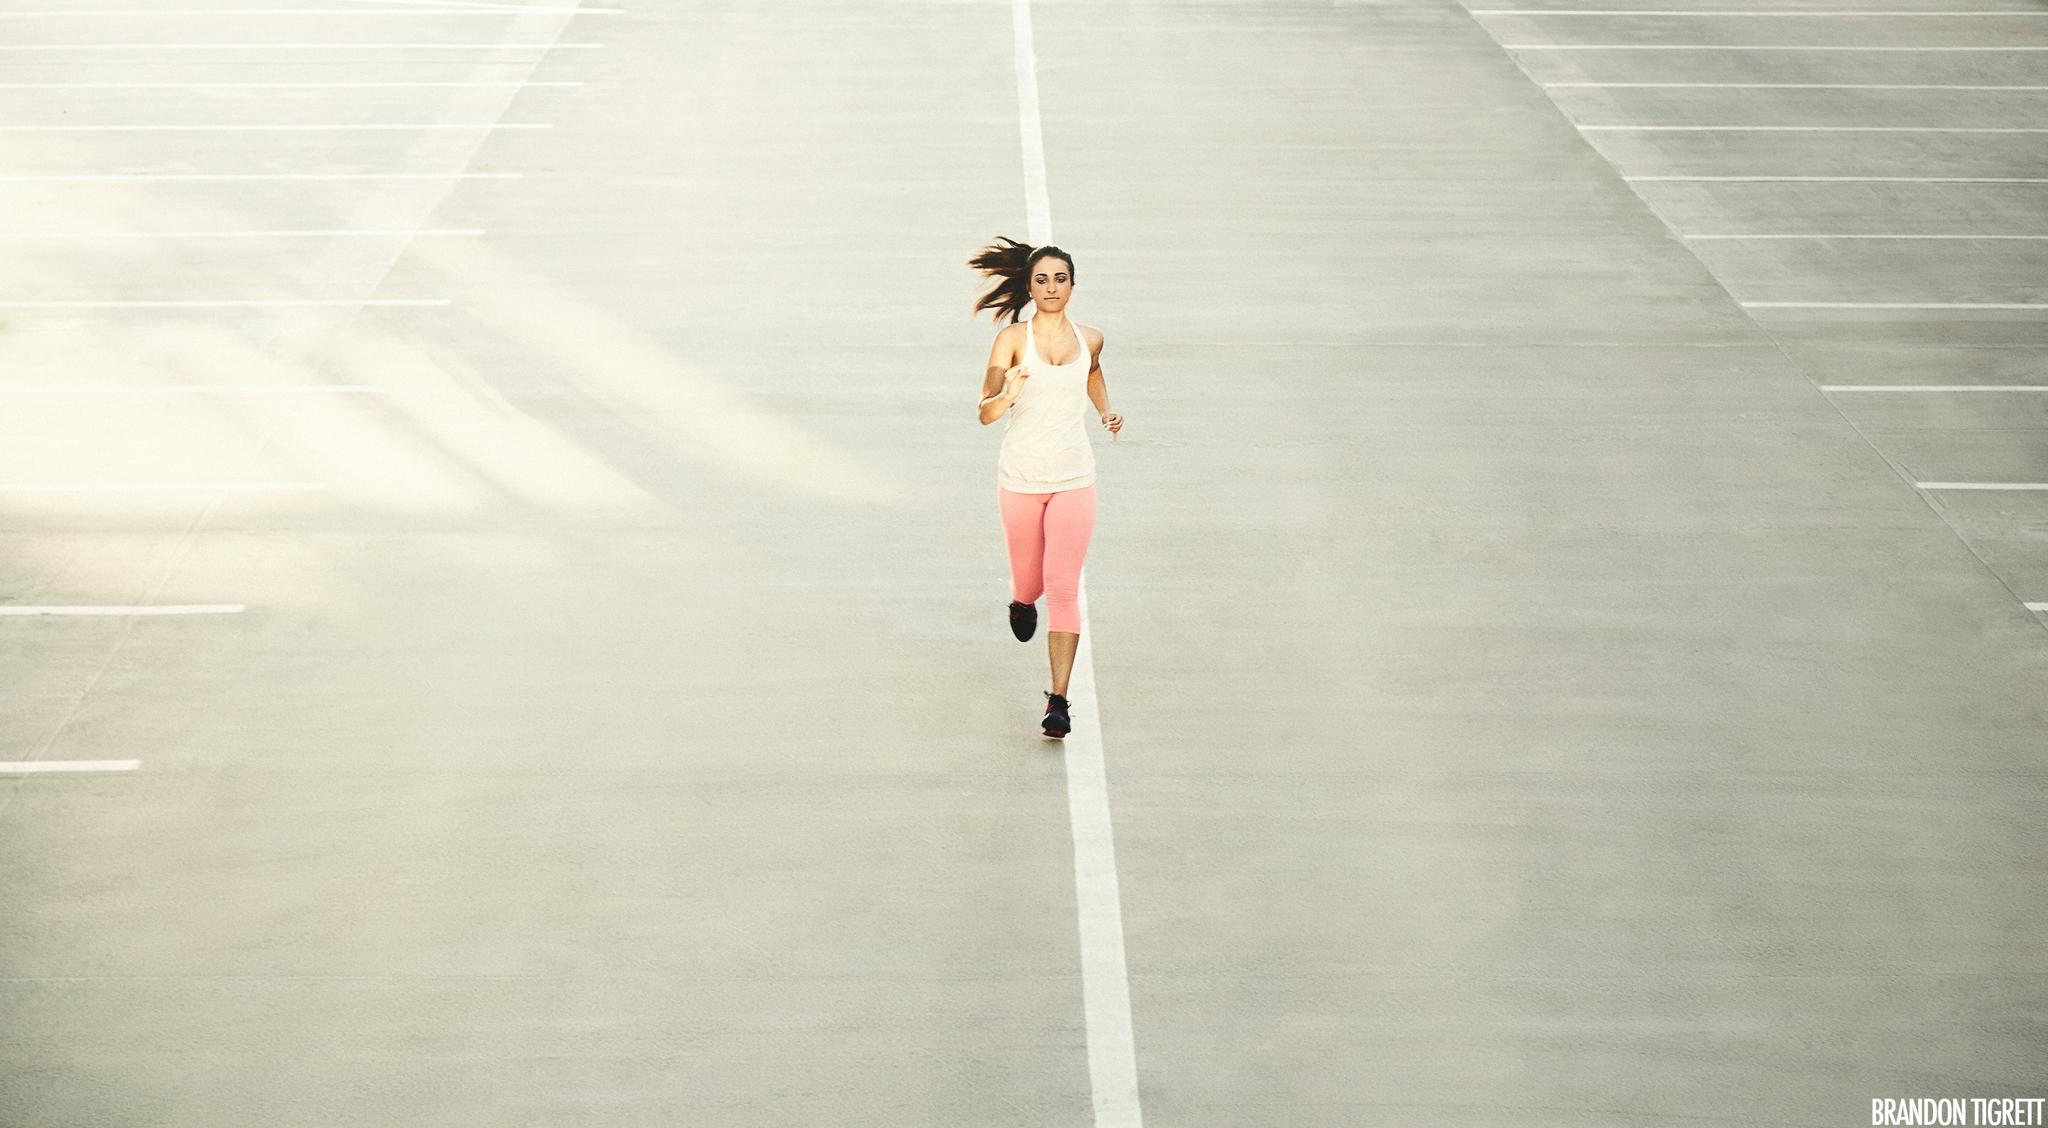 Lululemon | urban fitness lifestyle photography | Mary Pevtsov